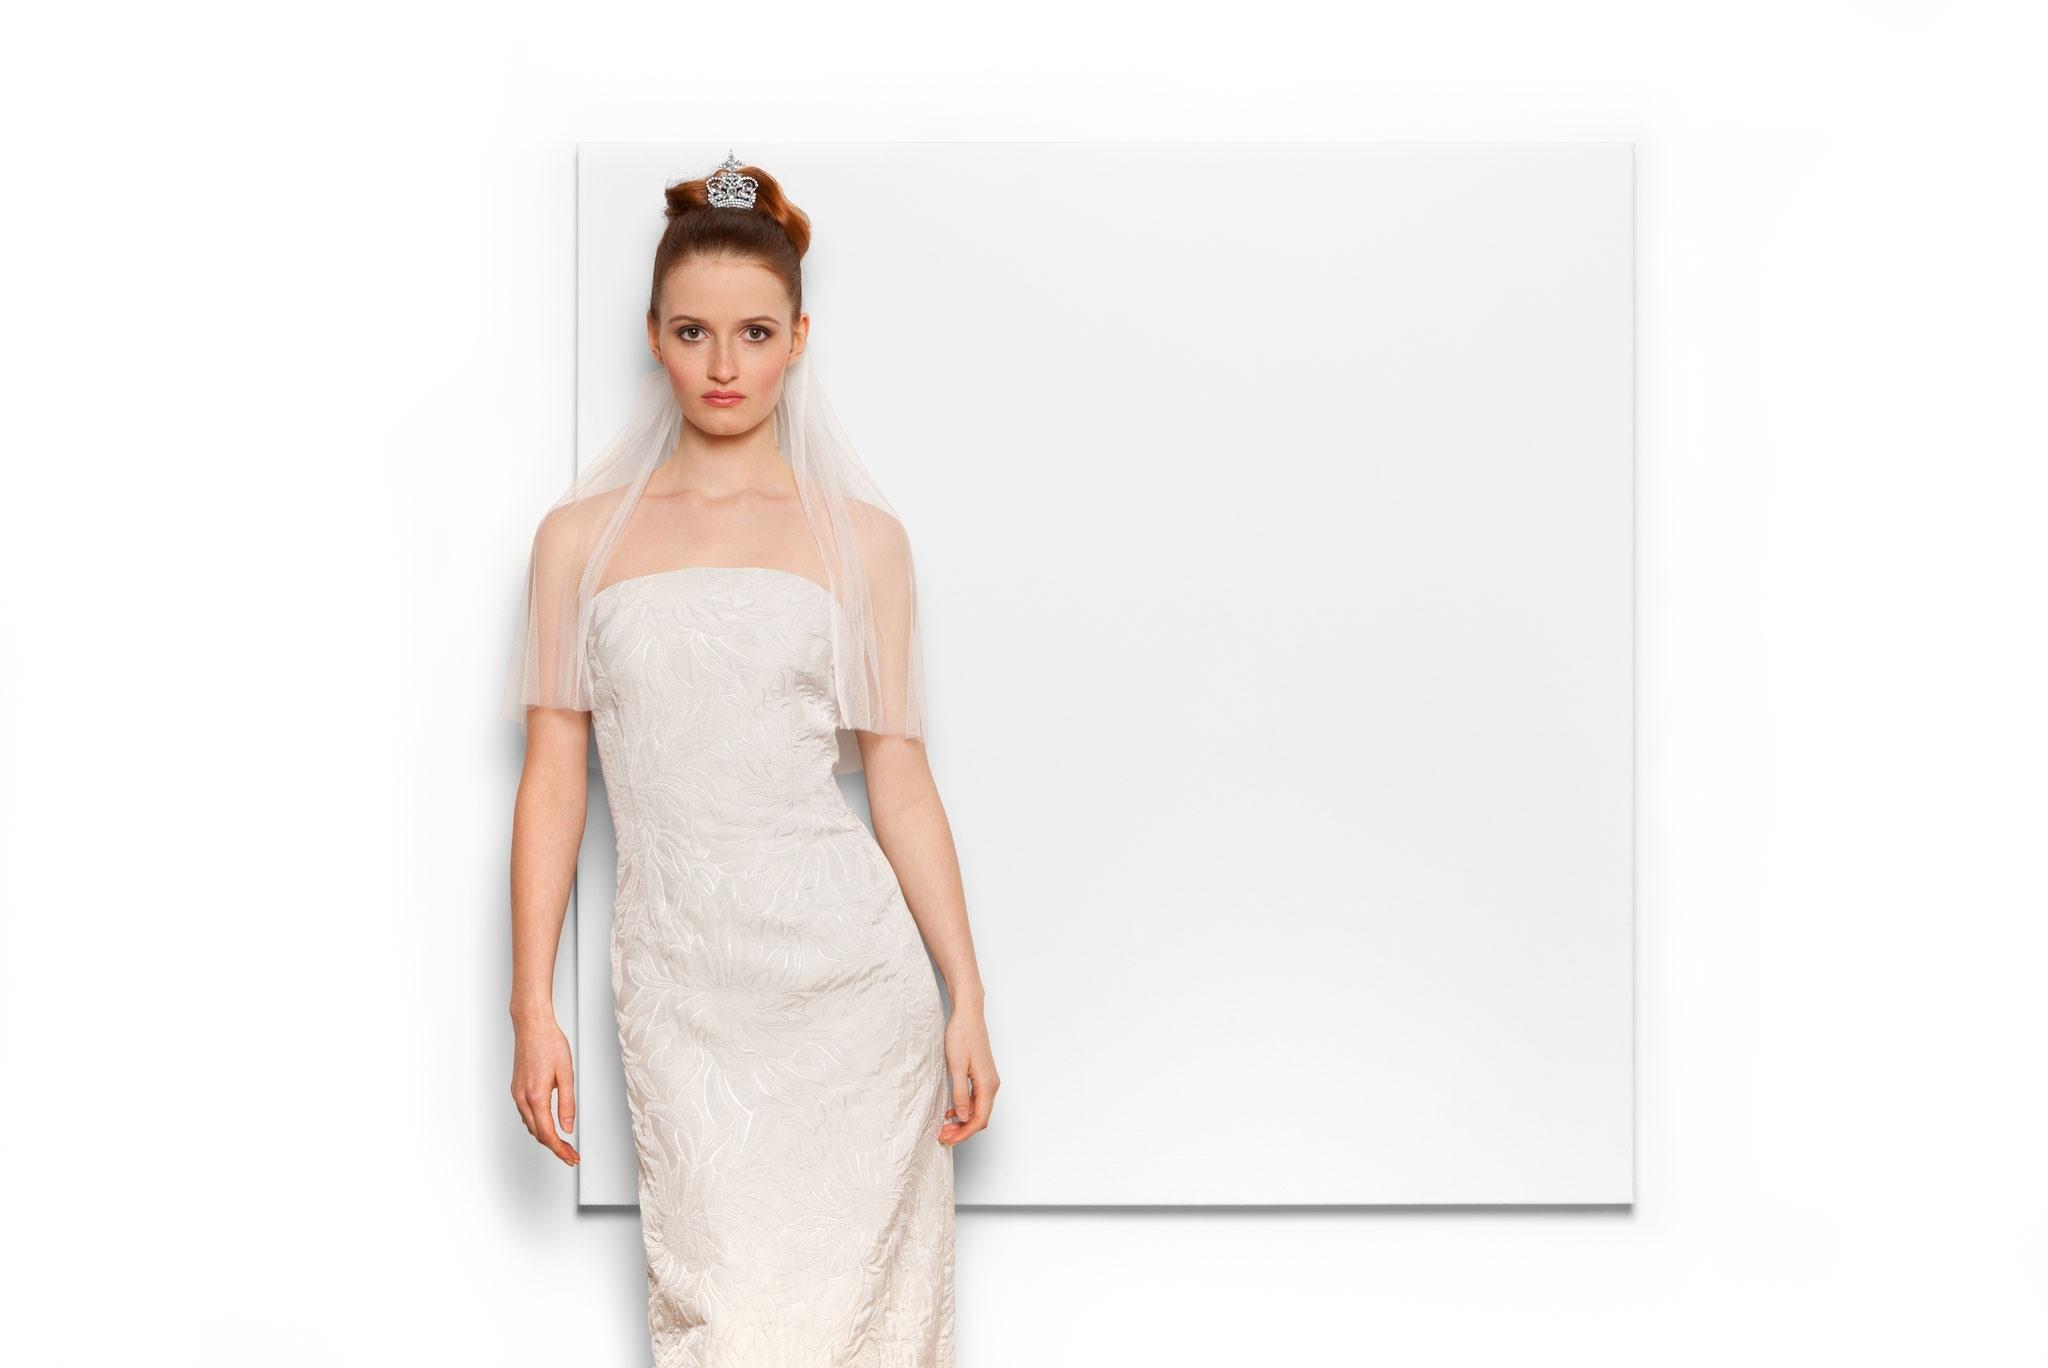 Wunderbar Schicke Kleider Für Eine Hochzeit Bester Preis15 Fantastisch Schicke Kleider Für Eine Hochzeit Ärmel